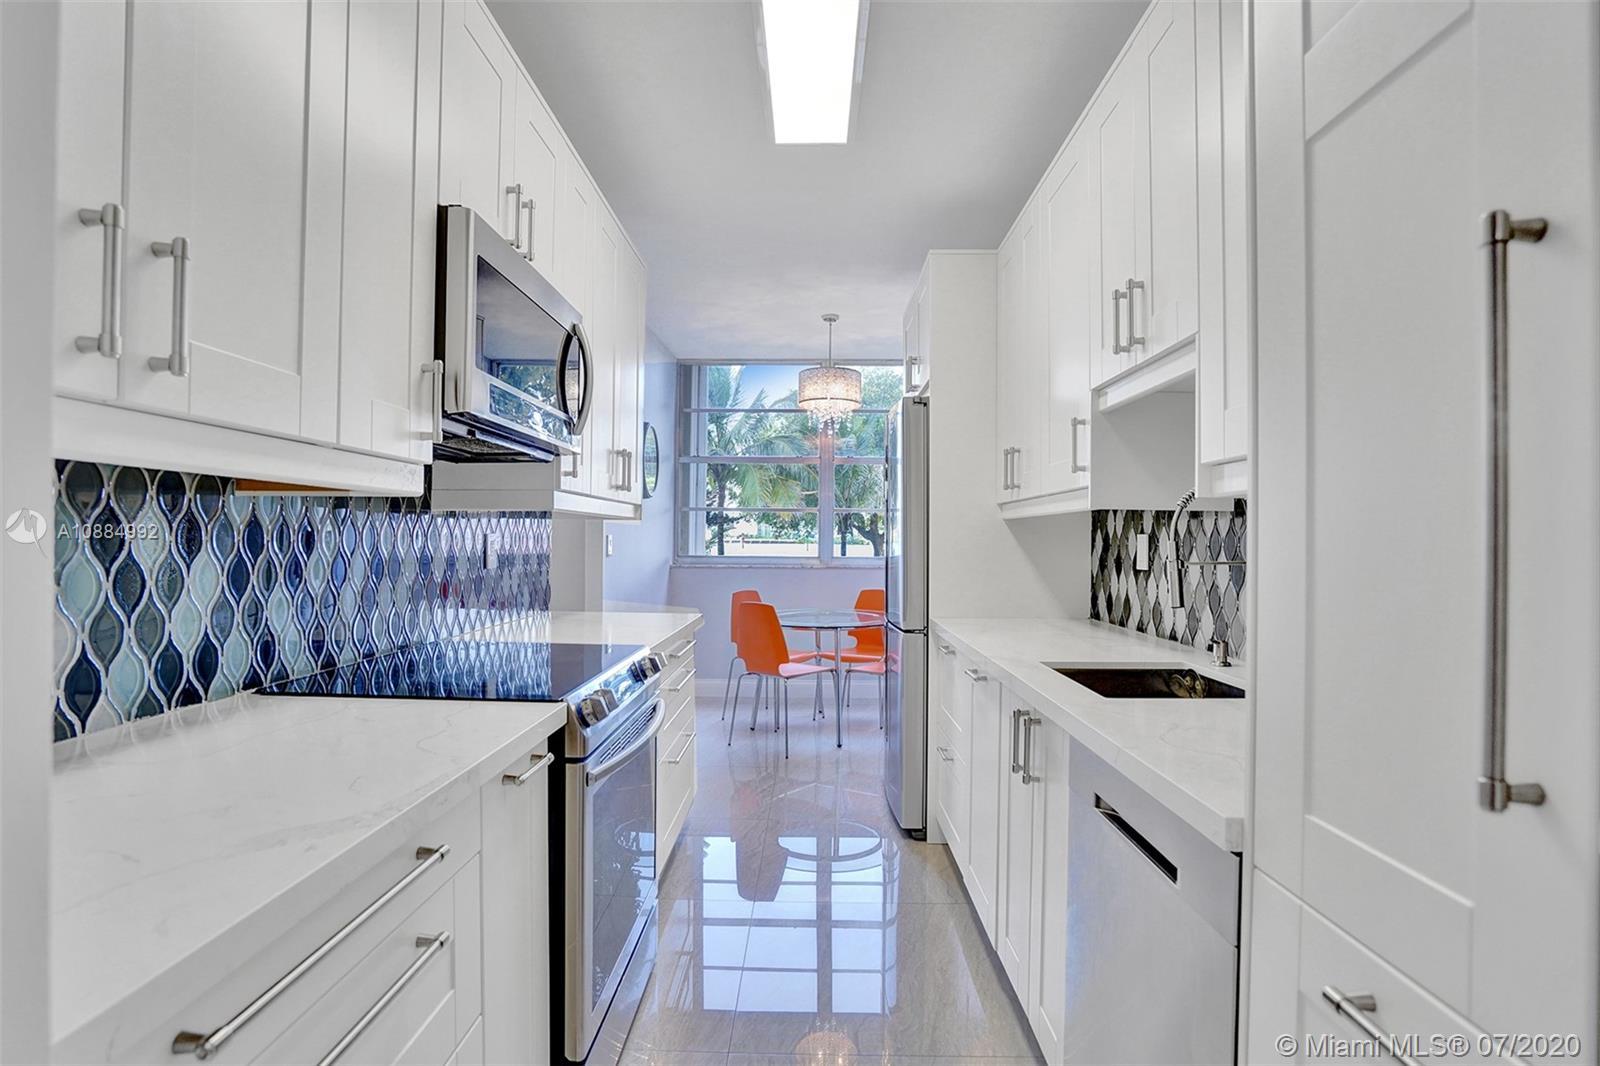 Winston Tower 500 #L03 - 301 174 ST #L03, Sunny Isles Beach, FL 33160